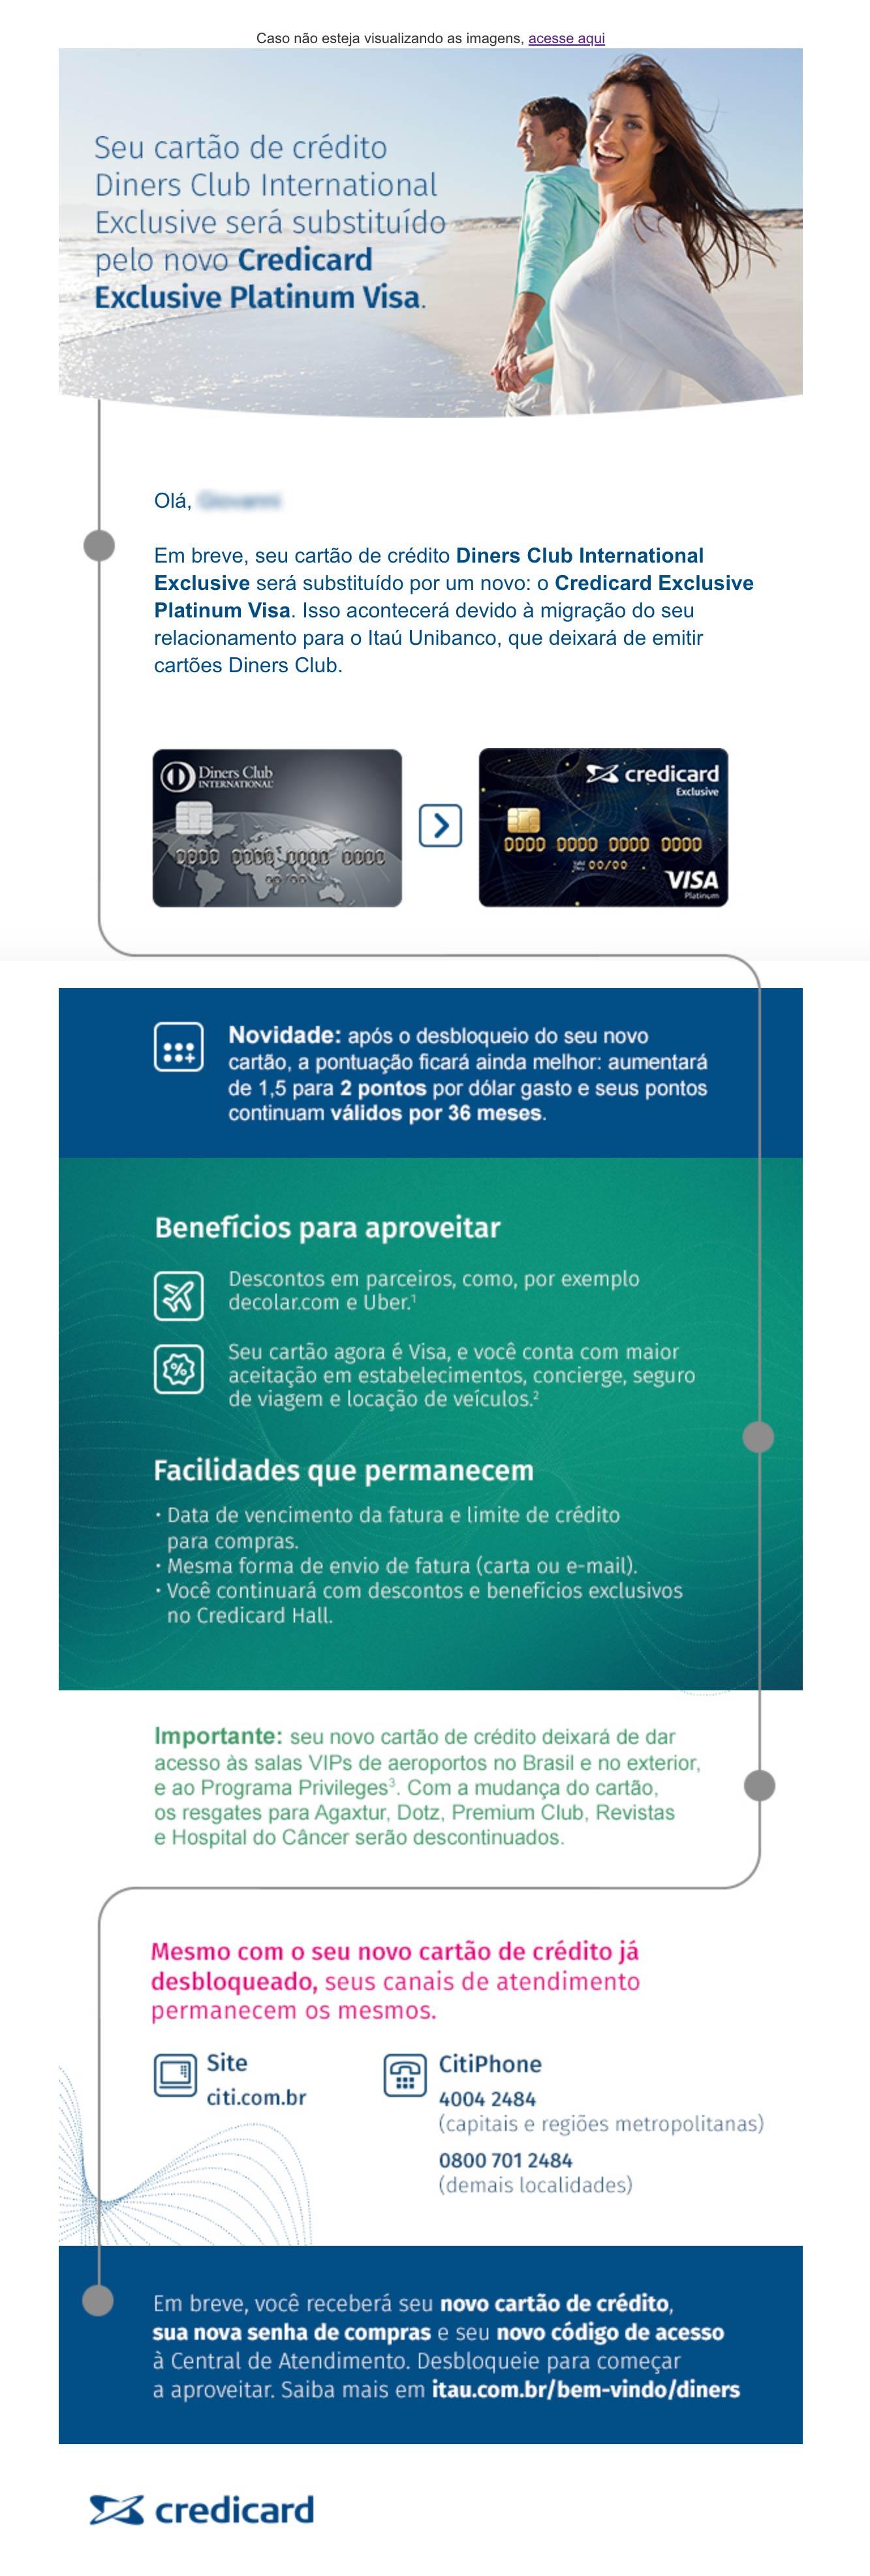 DINERS emailCredicard - Itaú cancela Diners Club no Brasil e clientes ficam sem acesso às Salas VIP